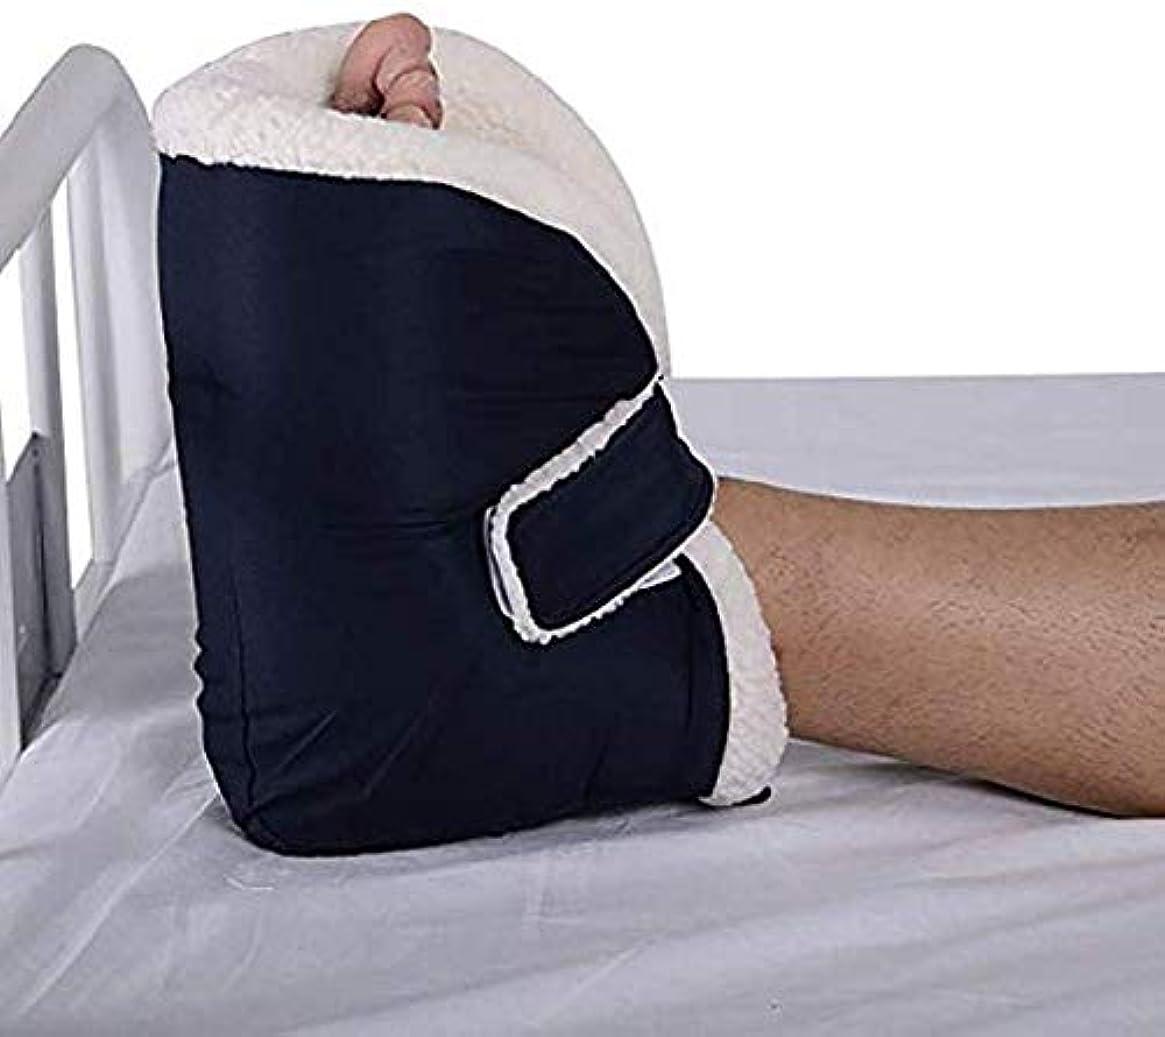 スズメバチ見て設計図ヒールクッションプロテクター、かかとの保護枕足首関節の快適な綿毛顆粒ケアパッド-褥瘡をしますと潰瘍の軽減